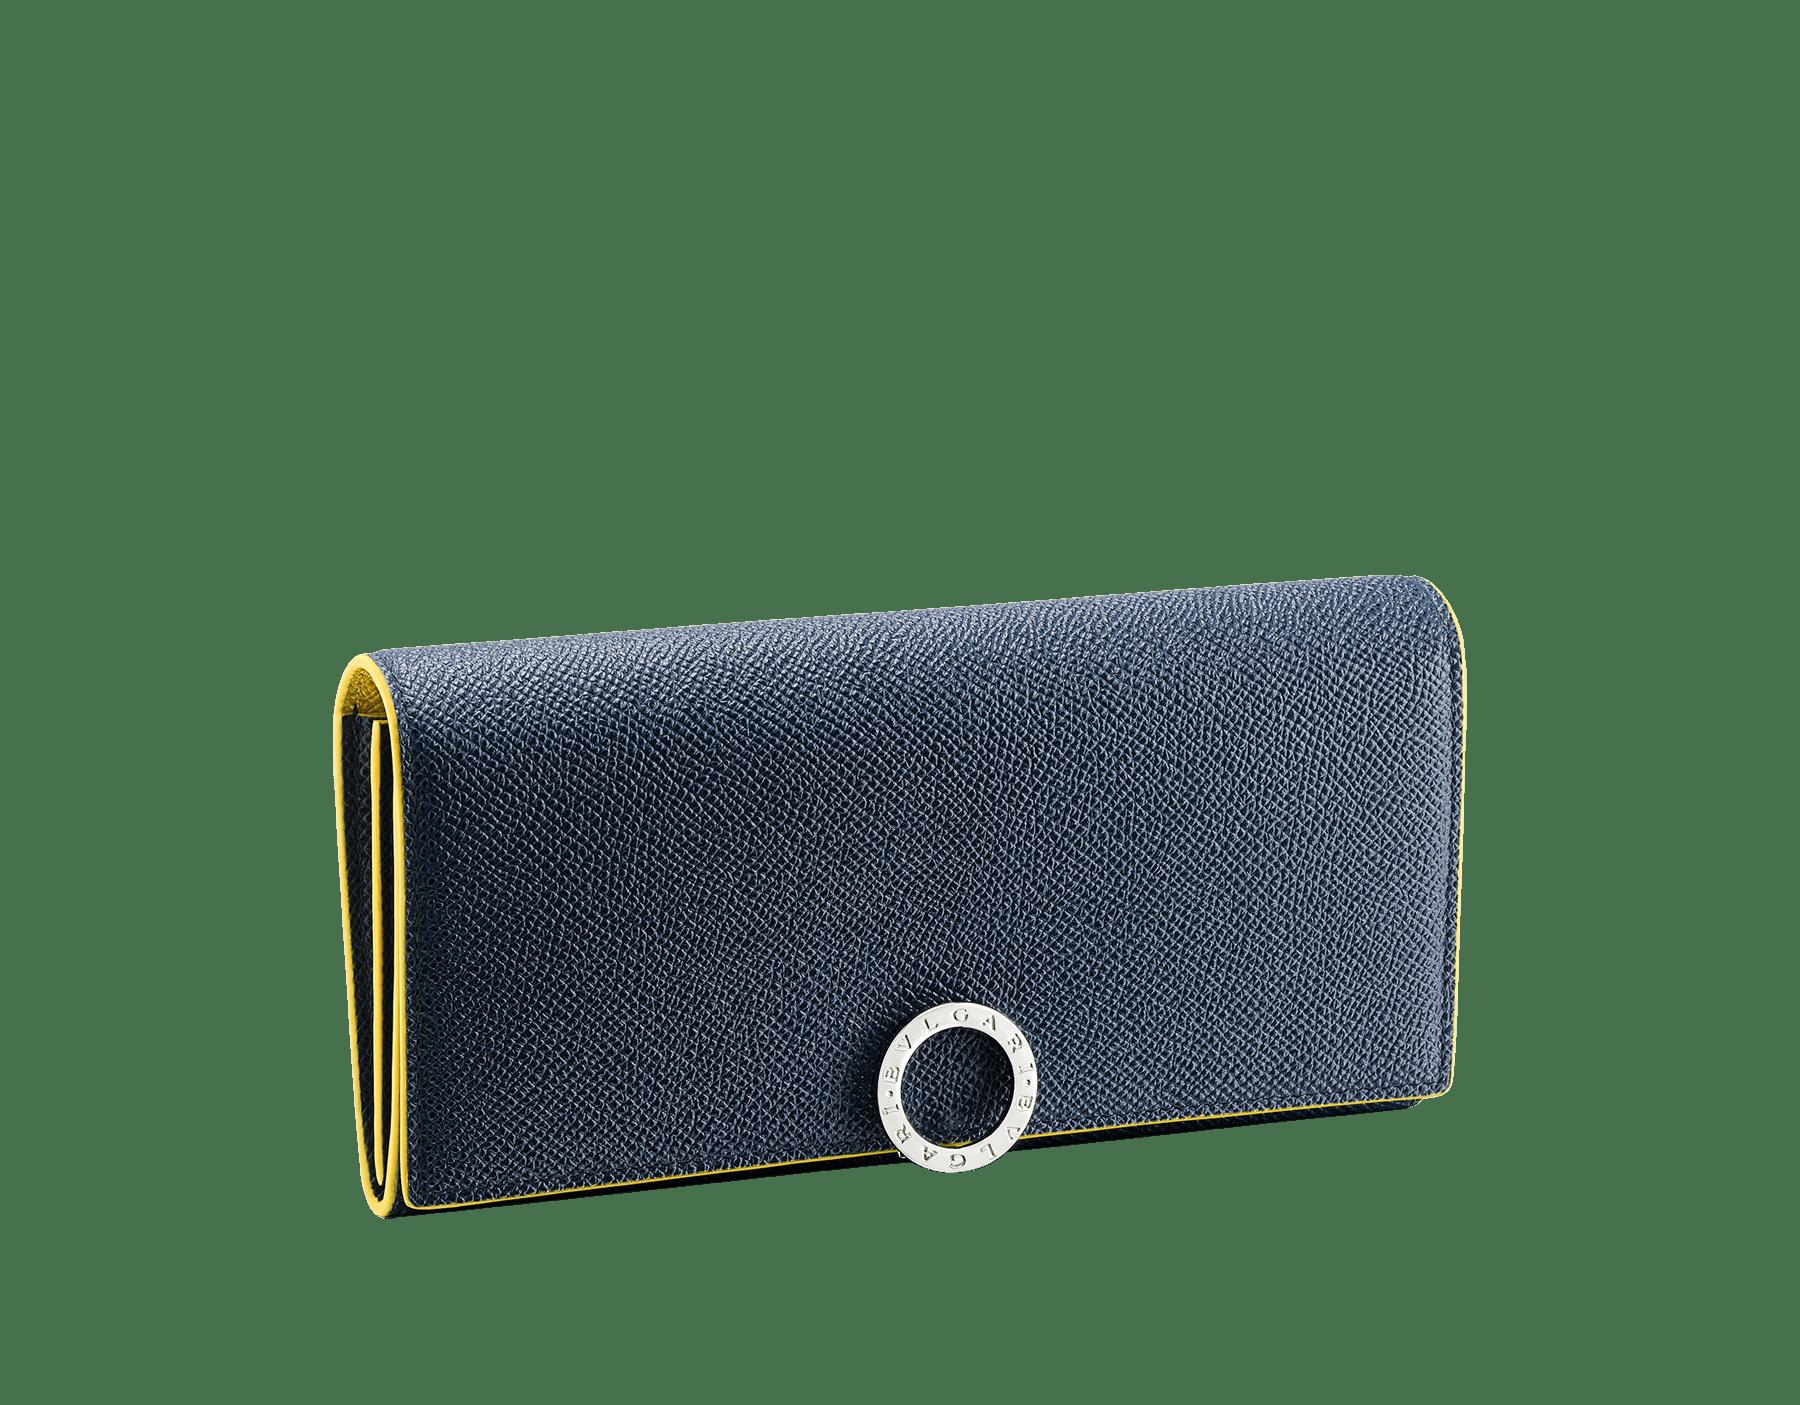 BVLGARI BVLGARI 大型皮夾,採用綠玉色和火珀色珠面小牛皮。經典鍍釕黃銅品牌標誌扣環。 BCM-WLT-SLI-POC-CLb image 1